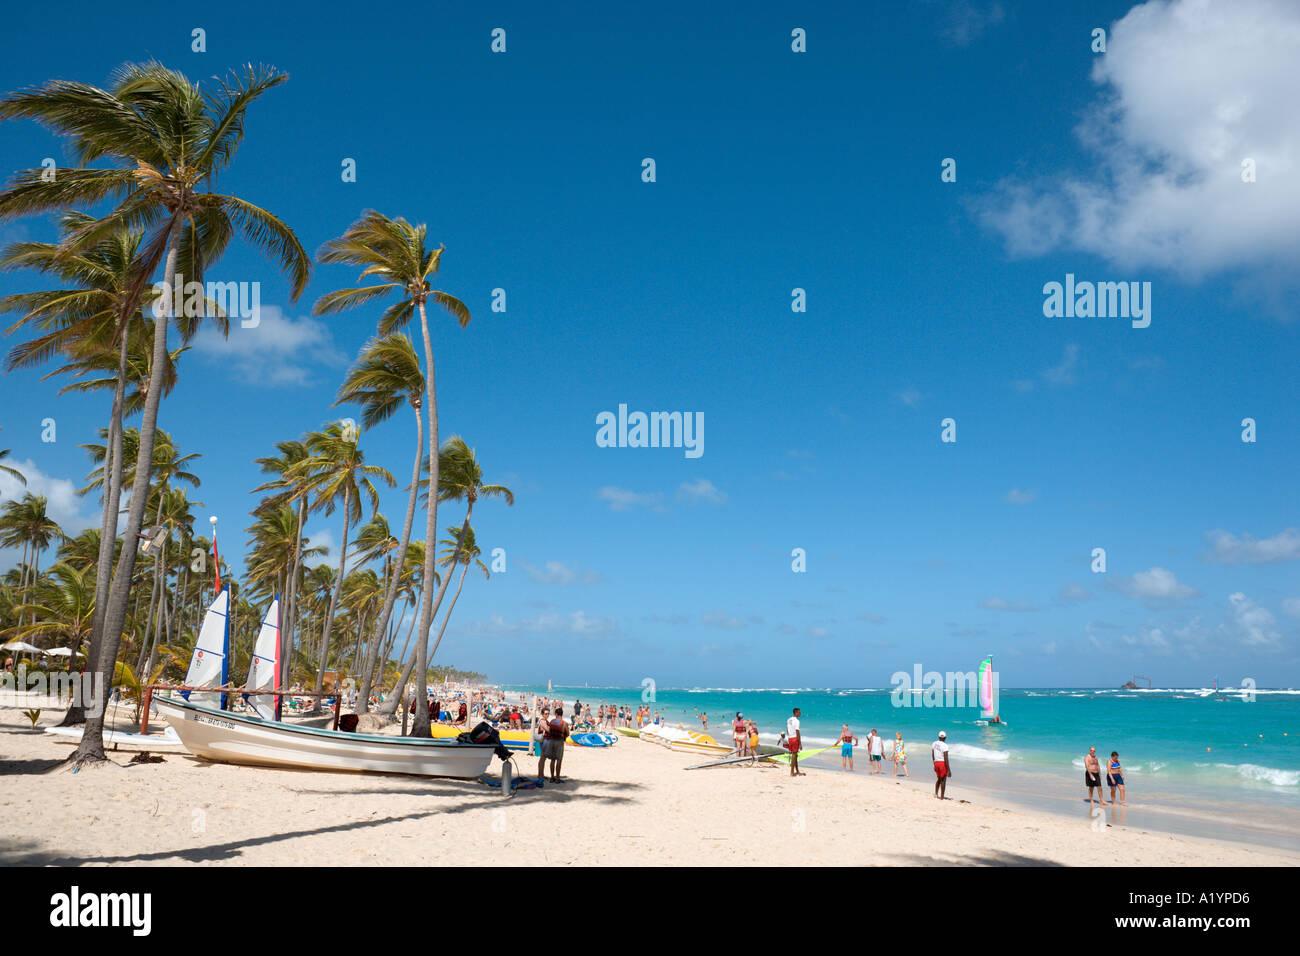 Bavaro Beach en el extremo occidental de los Hoteles Riu, Bávaro y Punta Cana, República Dominicana Imagen De Stock